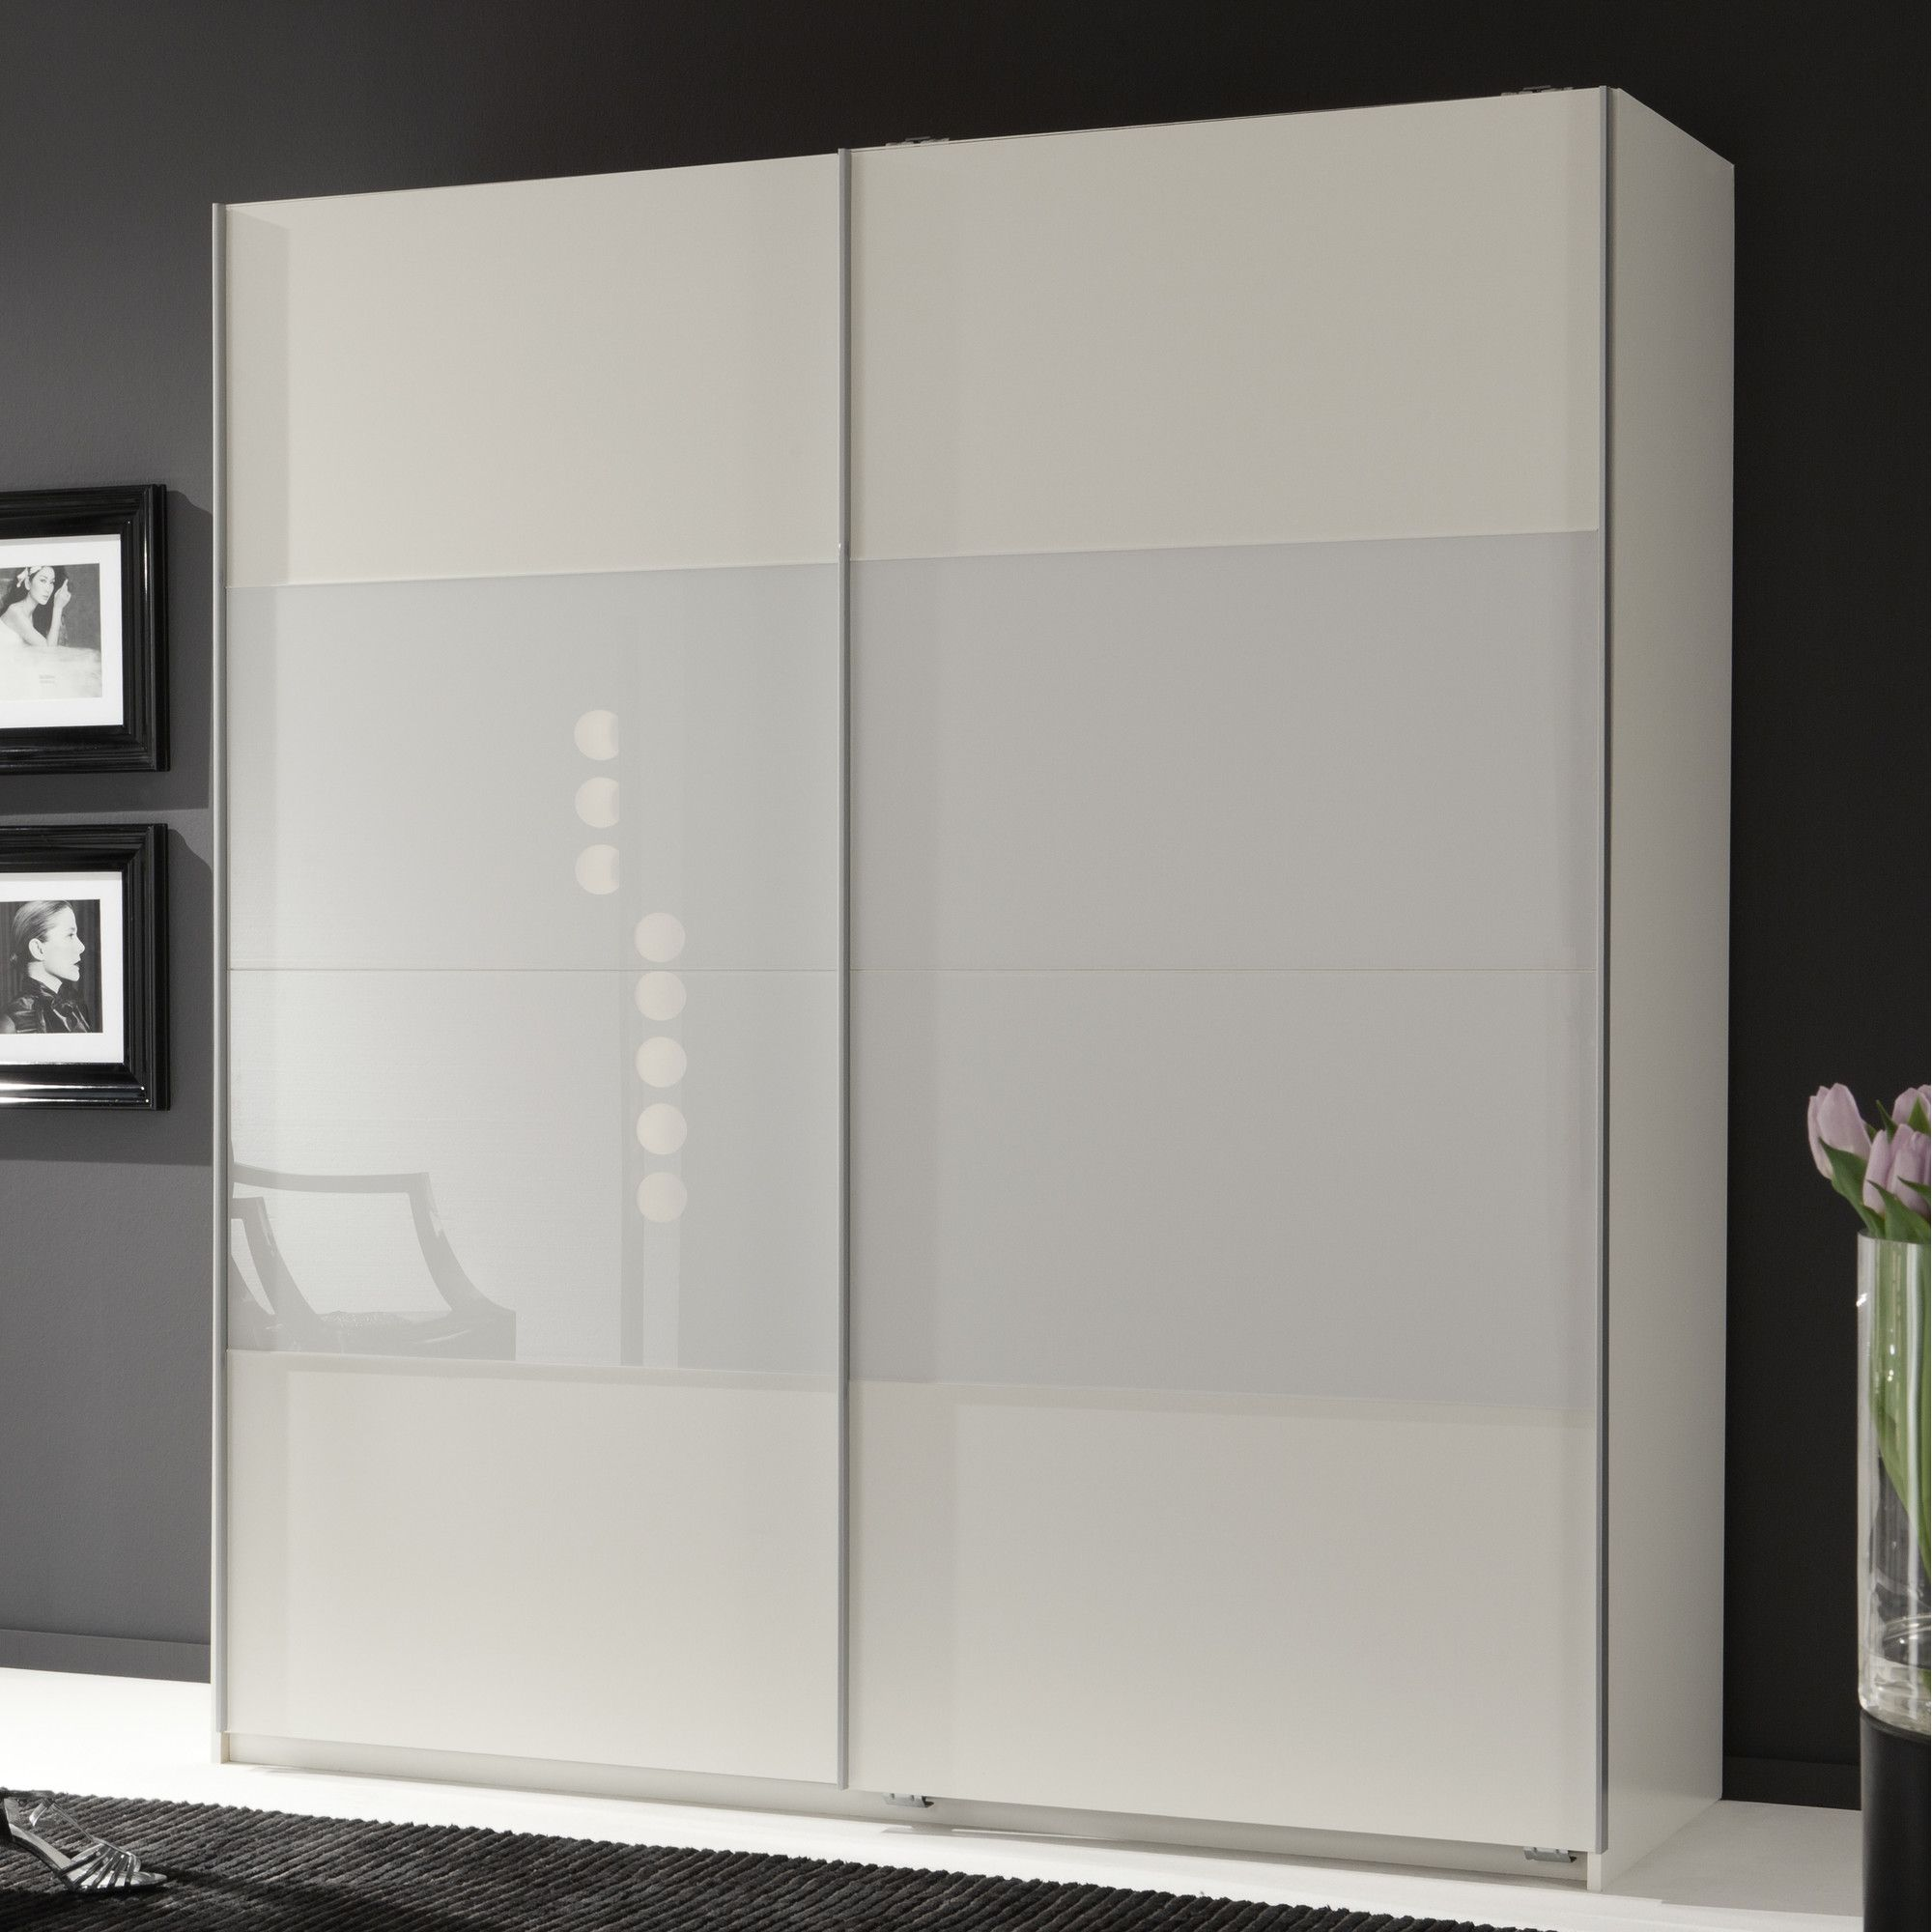 Amos Mann furniture Munich 2 Door Sliding German Wardrobe - White at Tesco Direct